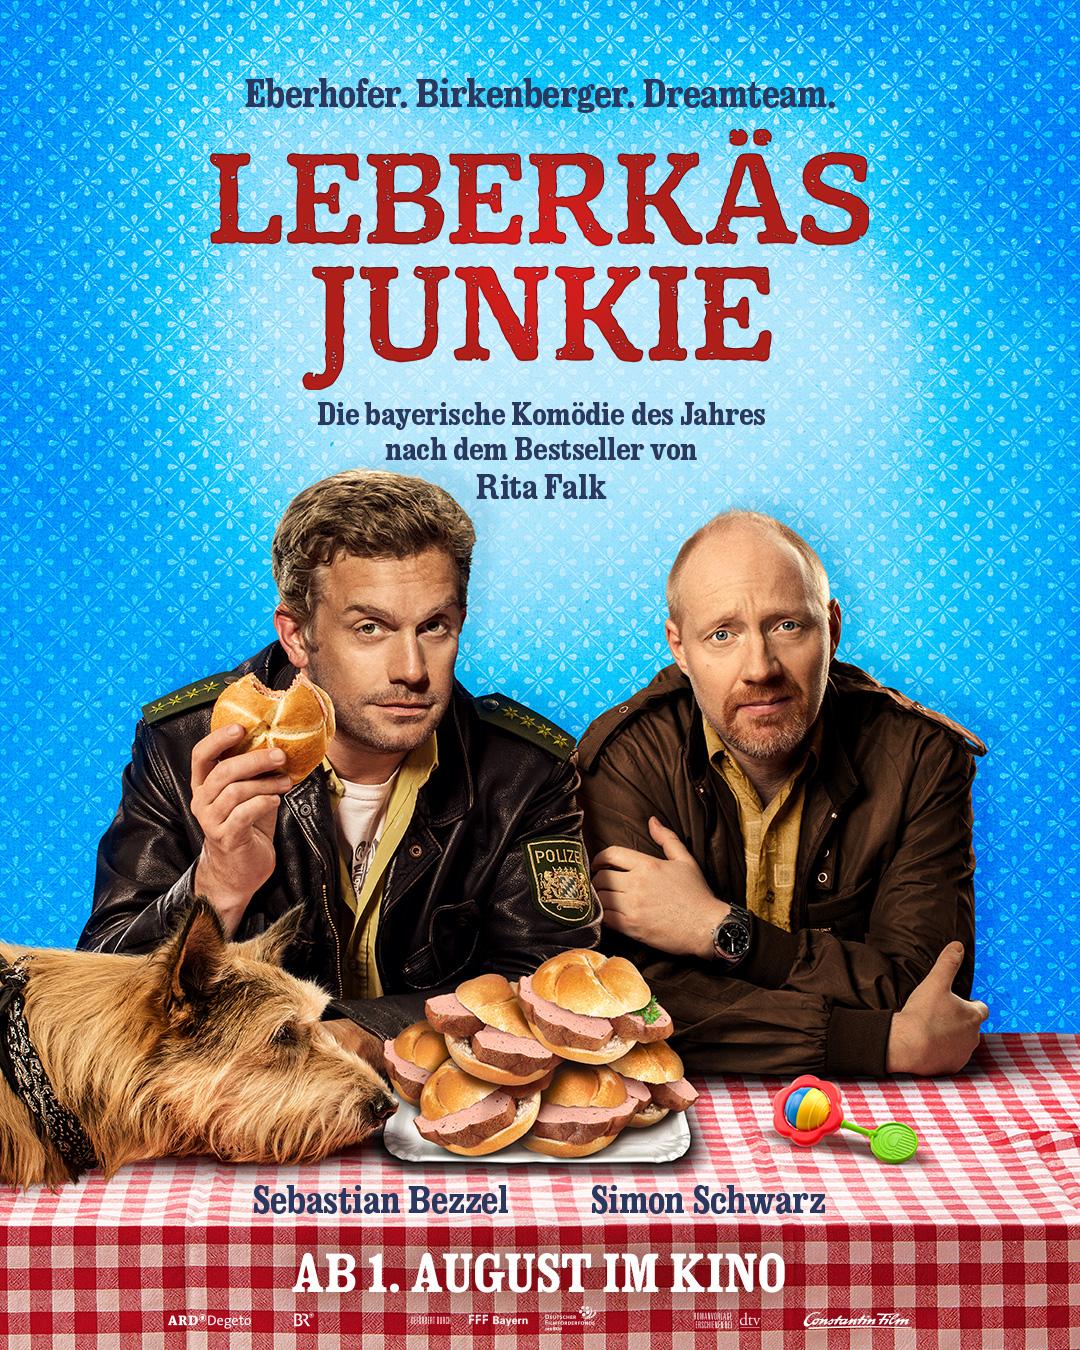 Leberkasjunkie Film 2019 Trailer Kritik Kino De